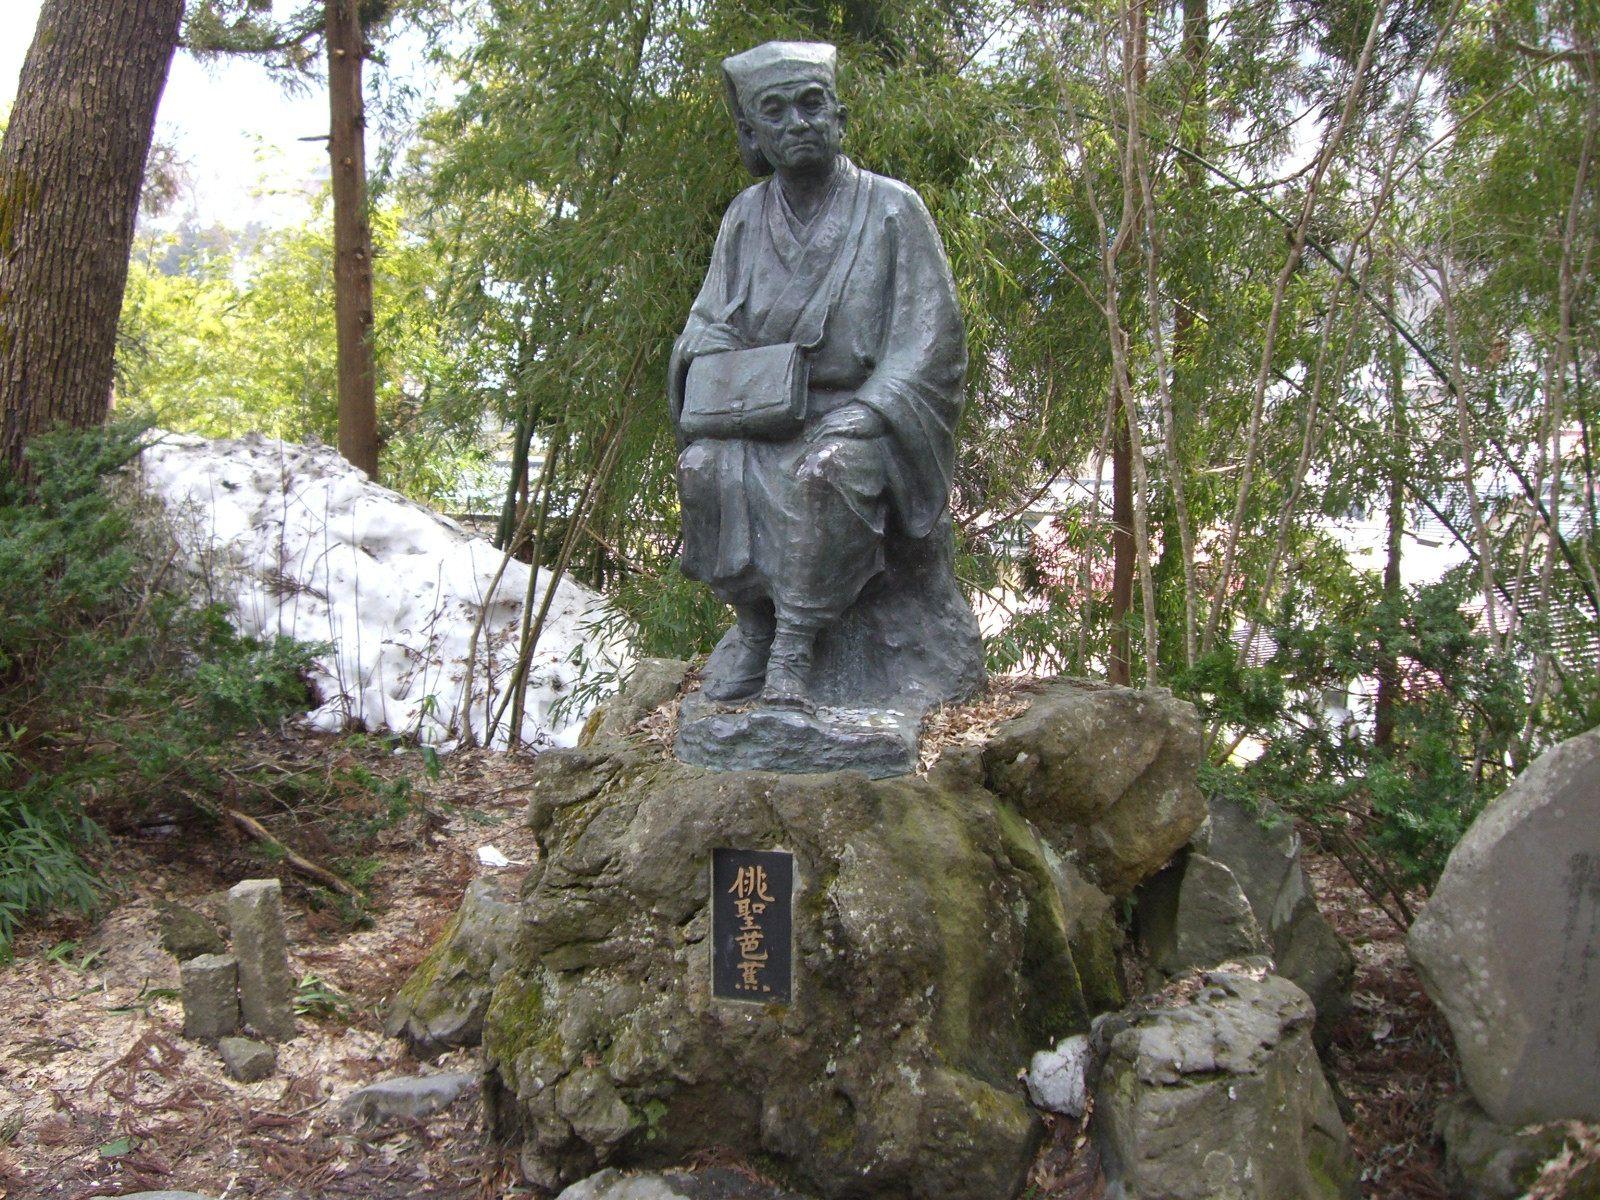 17世纪诗人・松尾芭蕉的铜像